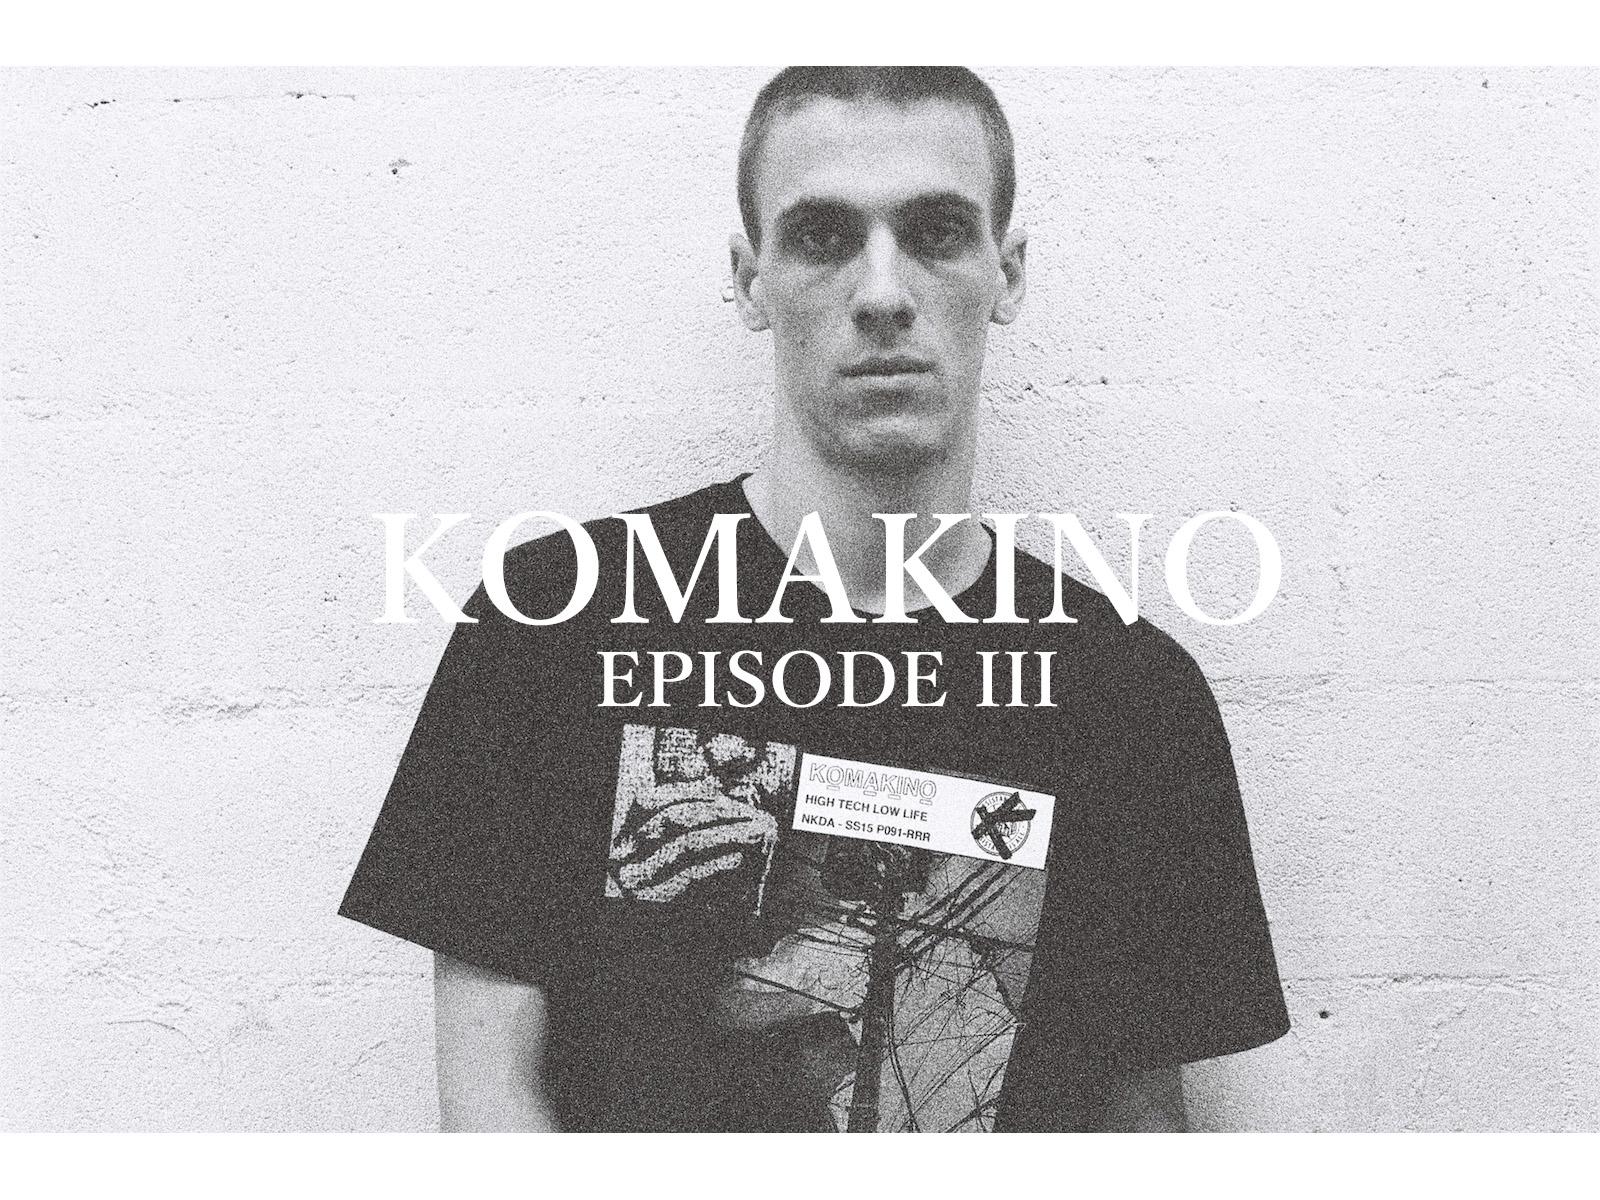 KOMAKINO – EPISODE III